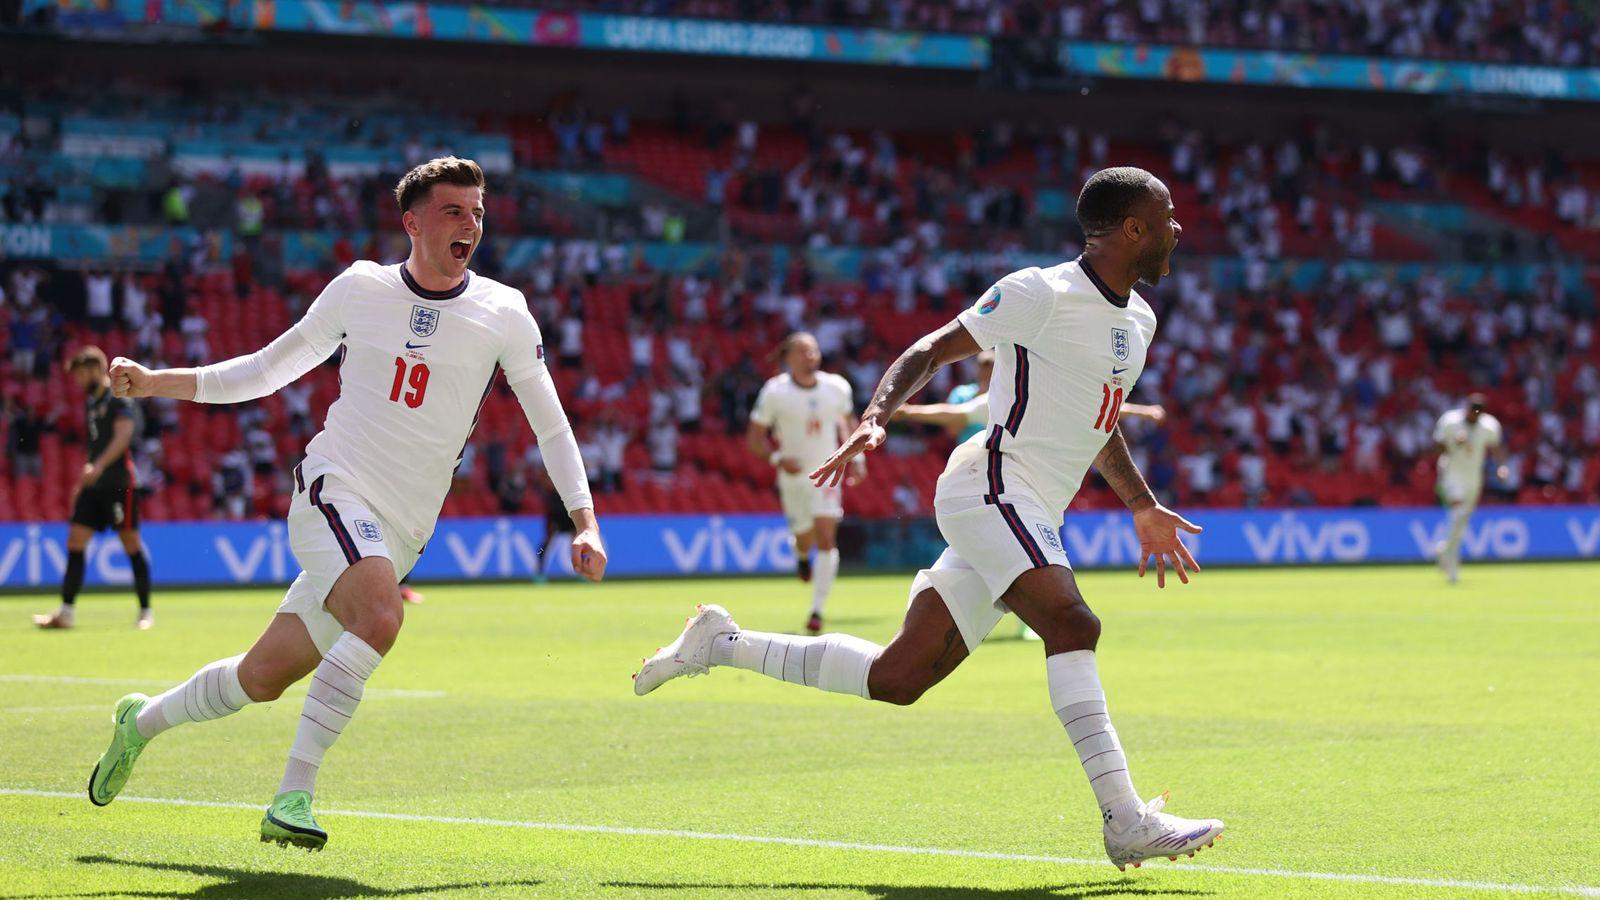 Inglaterra derrota a la Croacia de Modric con gol de Sterling y da un golpe en la mesa (1-0)